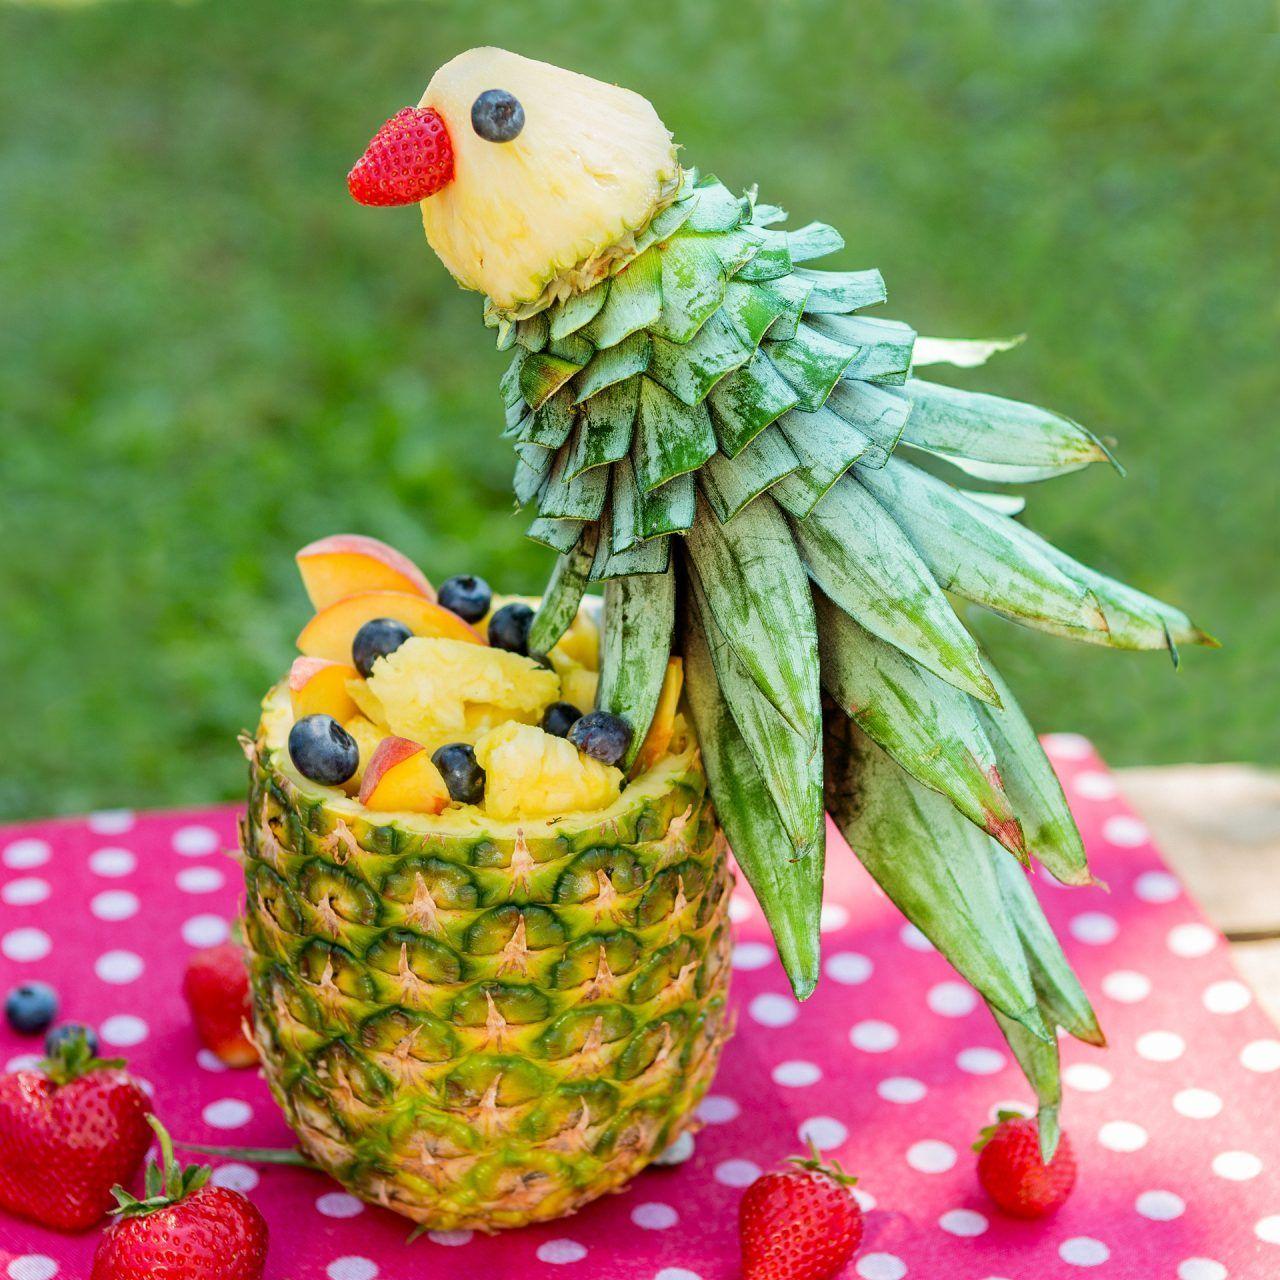 Papagei Aus Ananas Obstschussel Foodie Selbstgemacht Obst